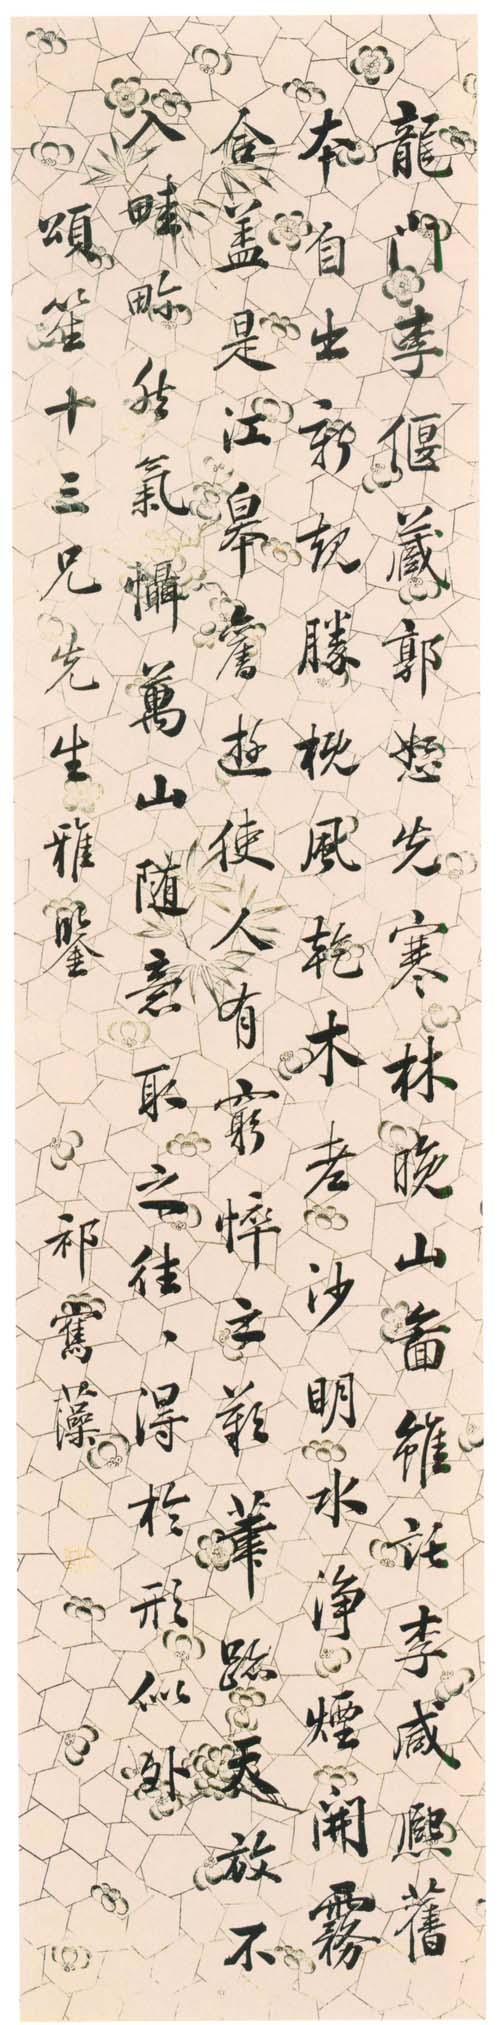 祁寯藻《行书论画轴》纸本 辽宁省博物馆藏